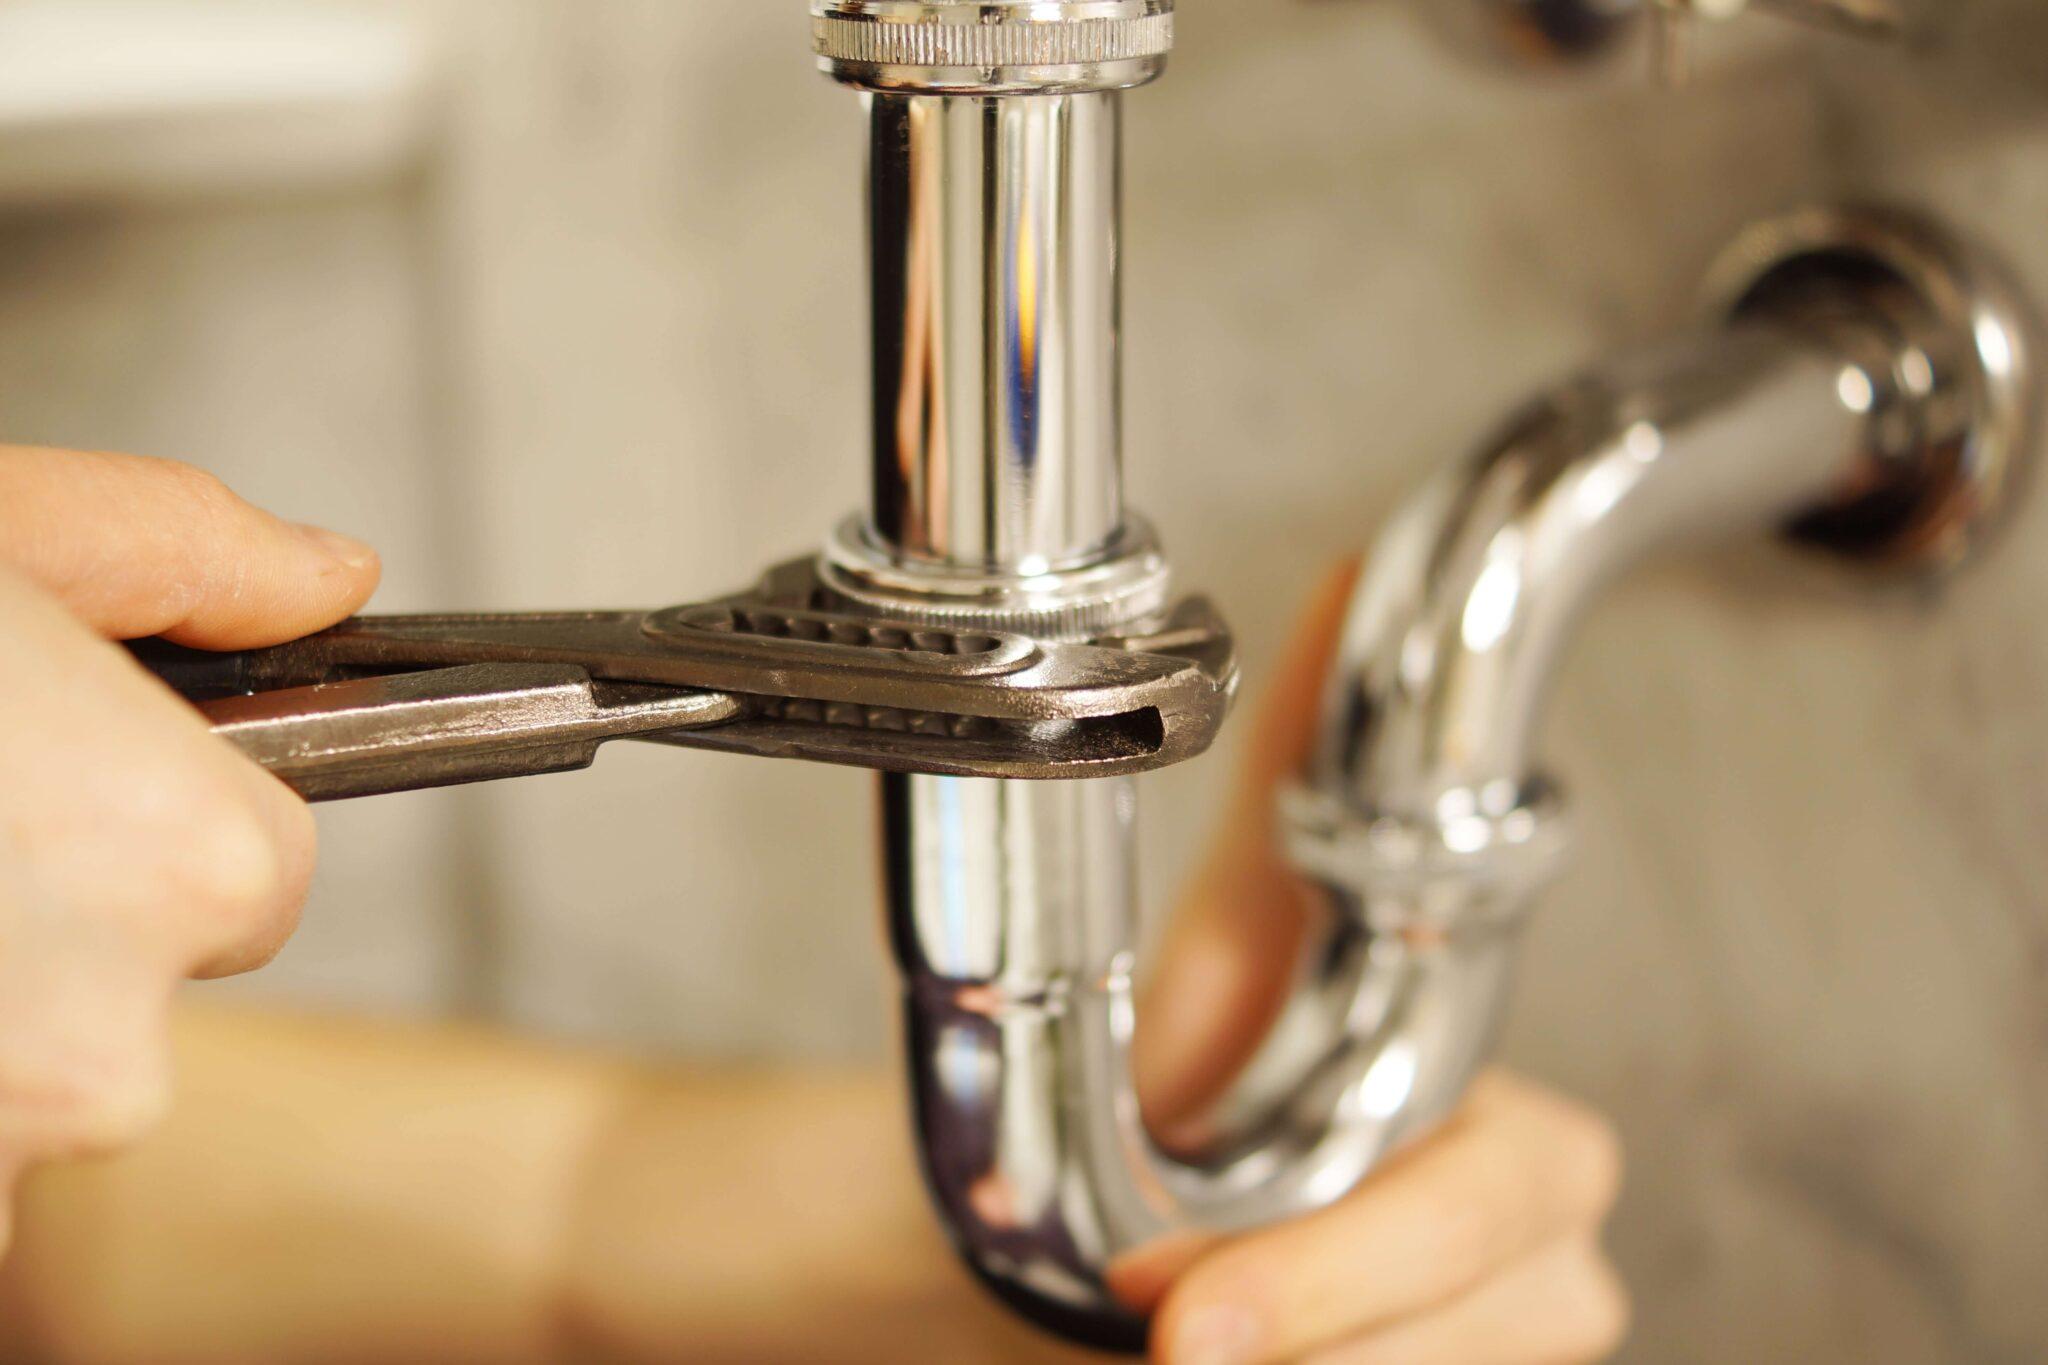 como detectar fugas de agua